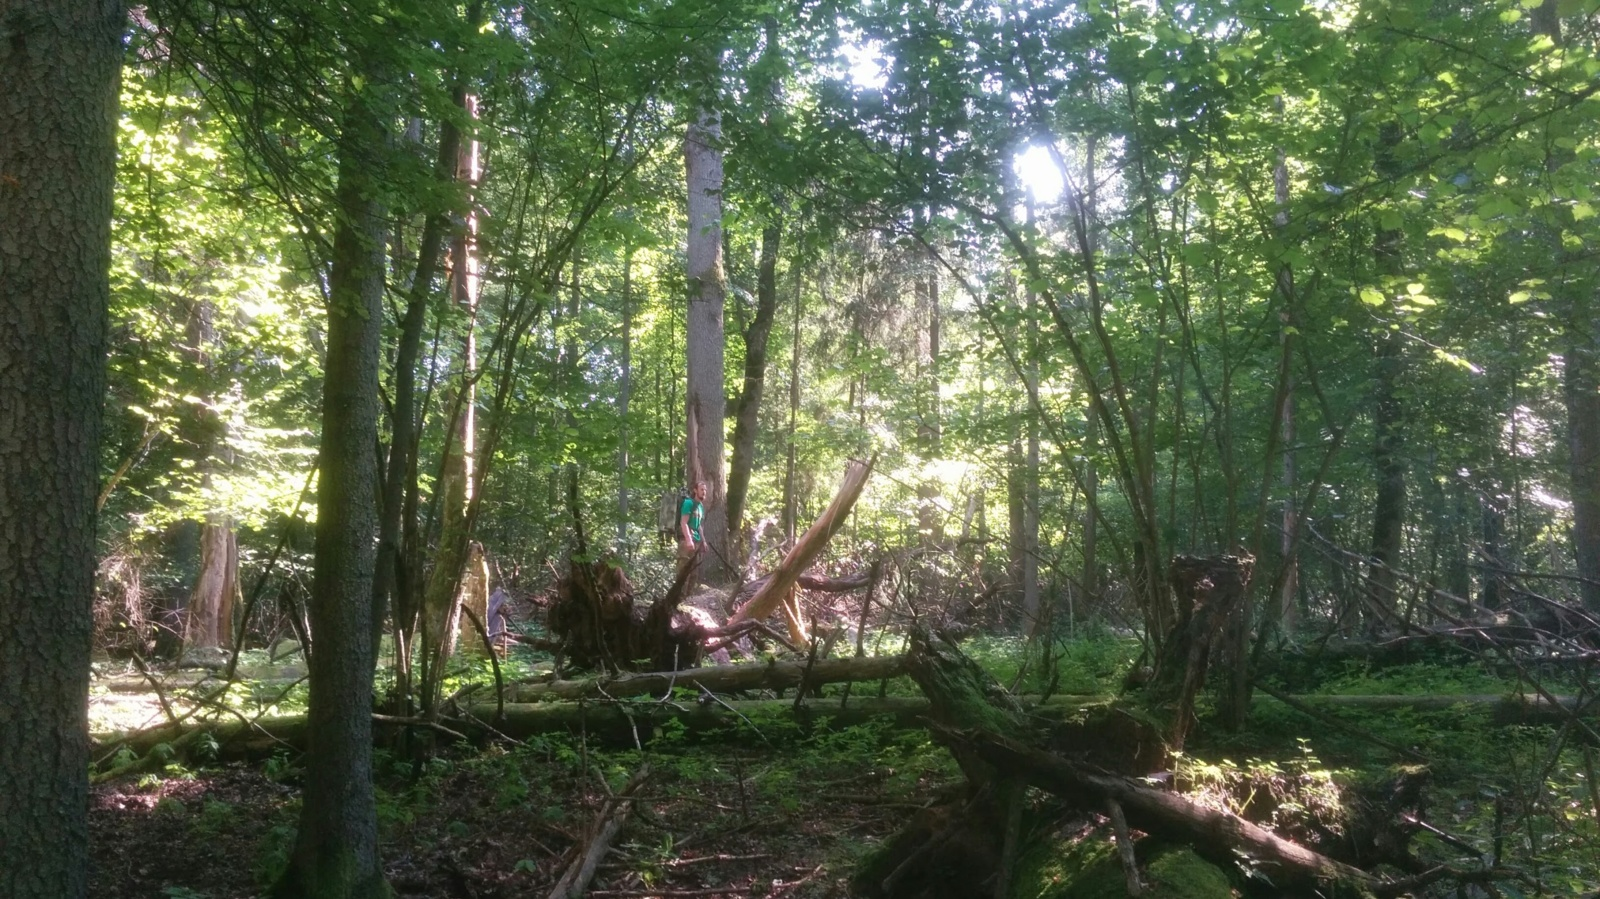 Sengirės fondas užsibrėžė ambicingus tikslus: įsigys miškų plotus, kuriuos saugos nuo kirtimų